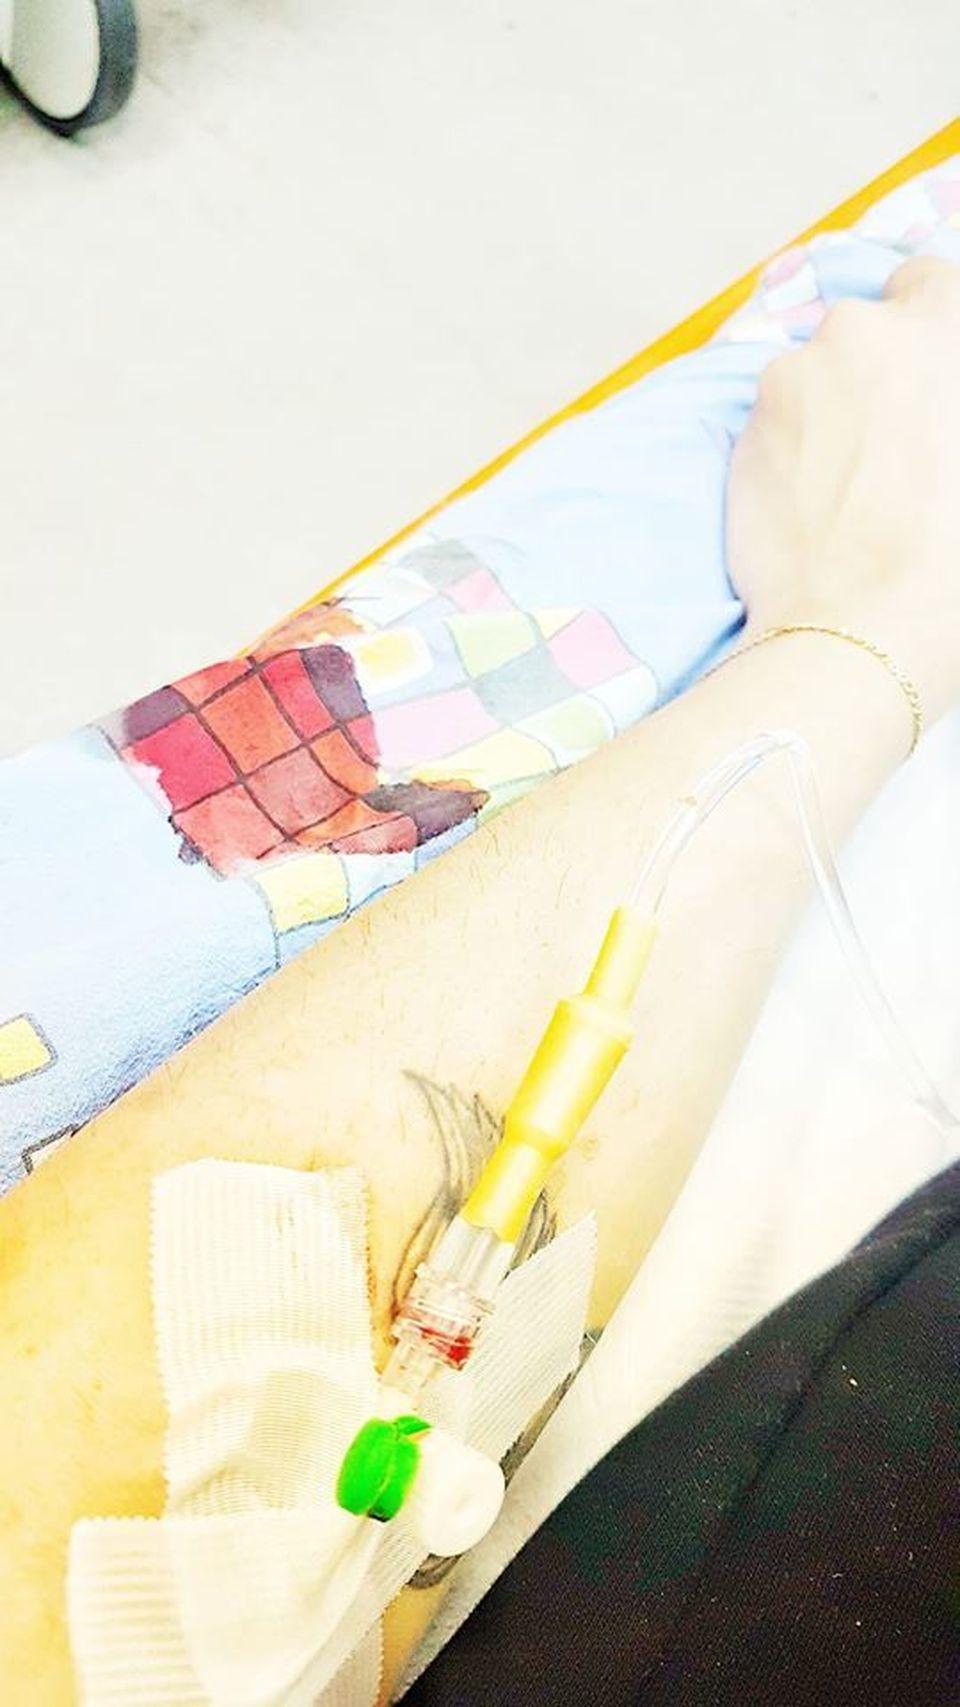 Probleme pentru fiica lui Nicu Maharu! Bianca a ajuns, de urgenta, la spital si a fost pusa imediat pe perfuzii